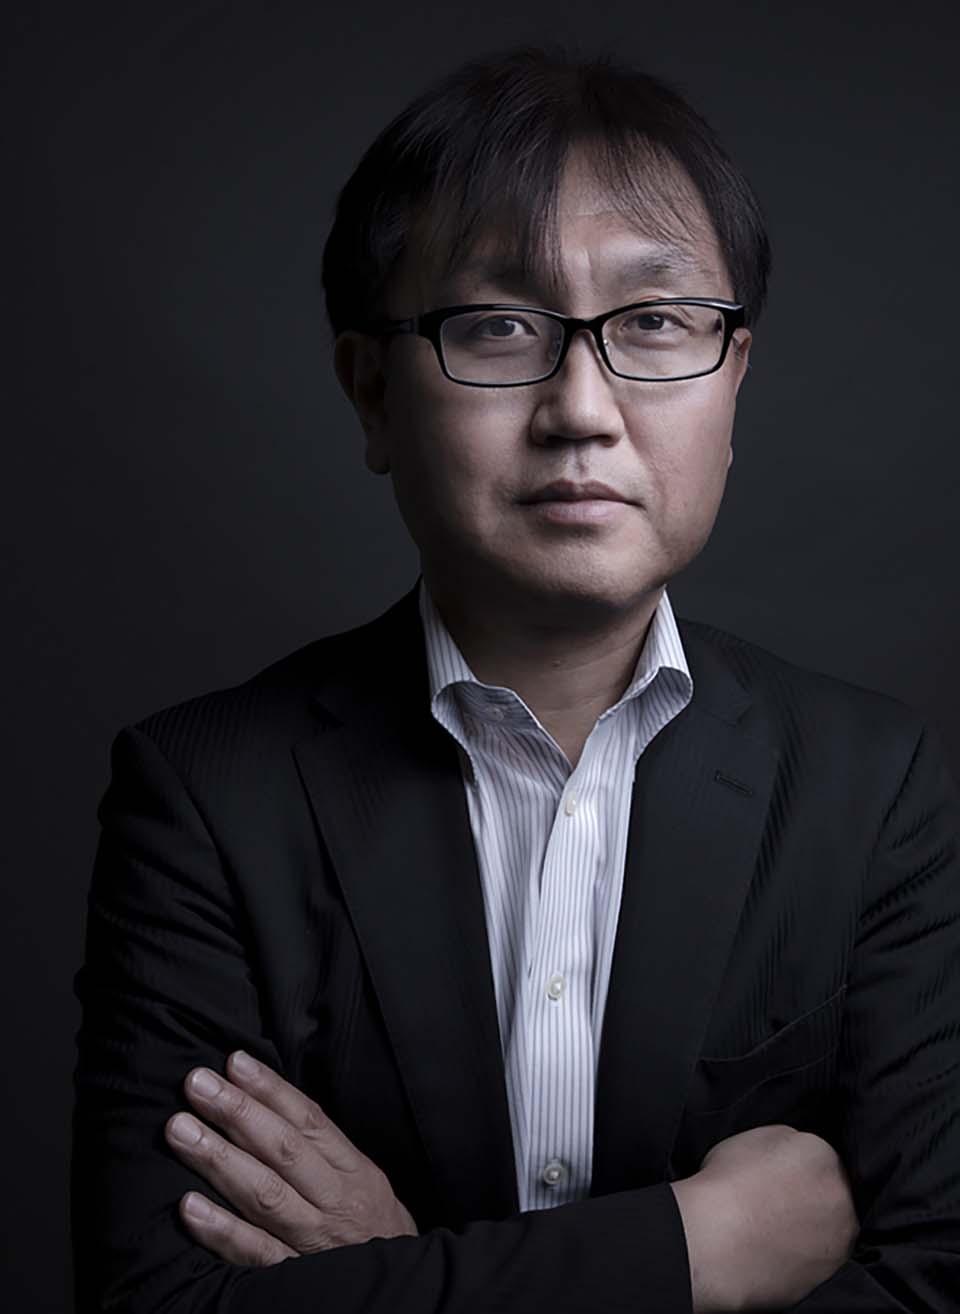 Image: Tadashi Tokizawa